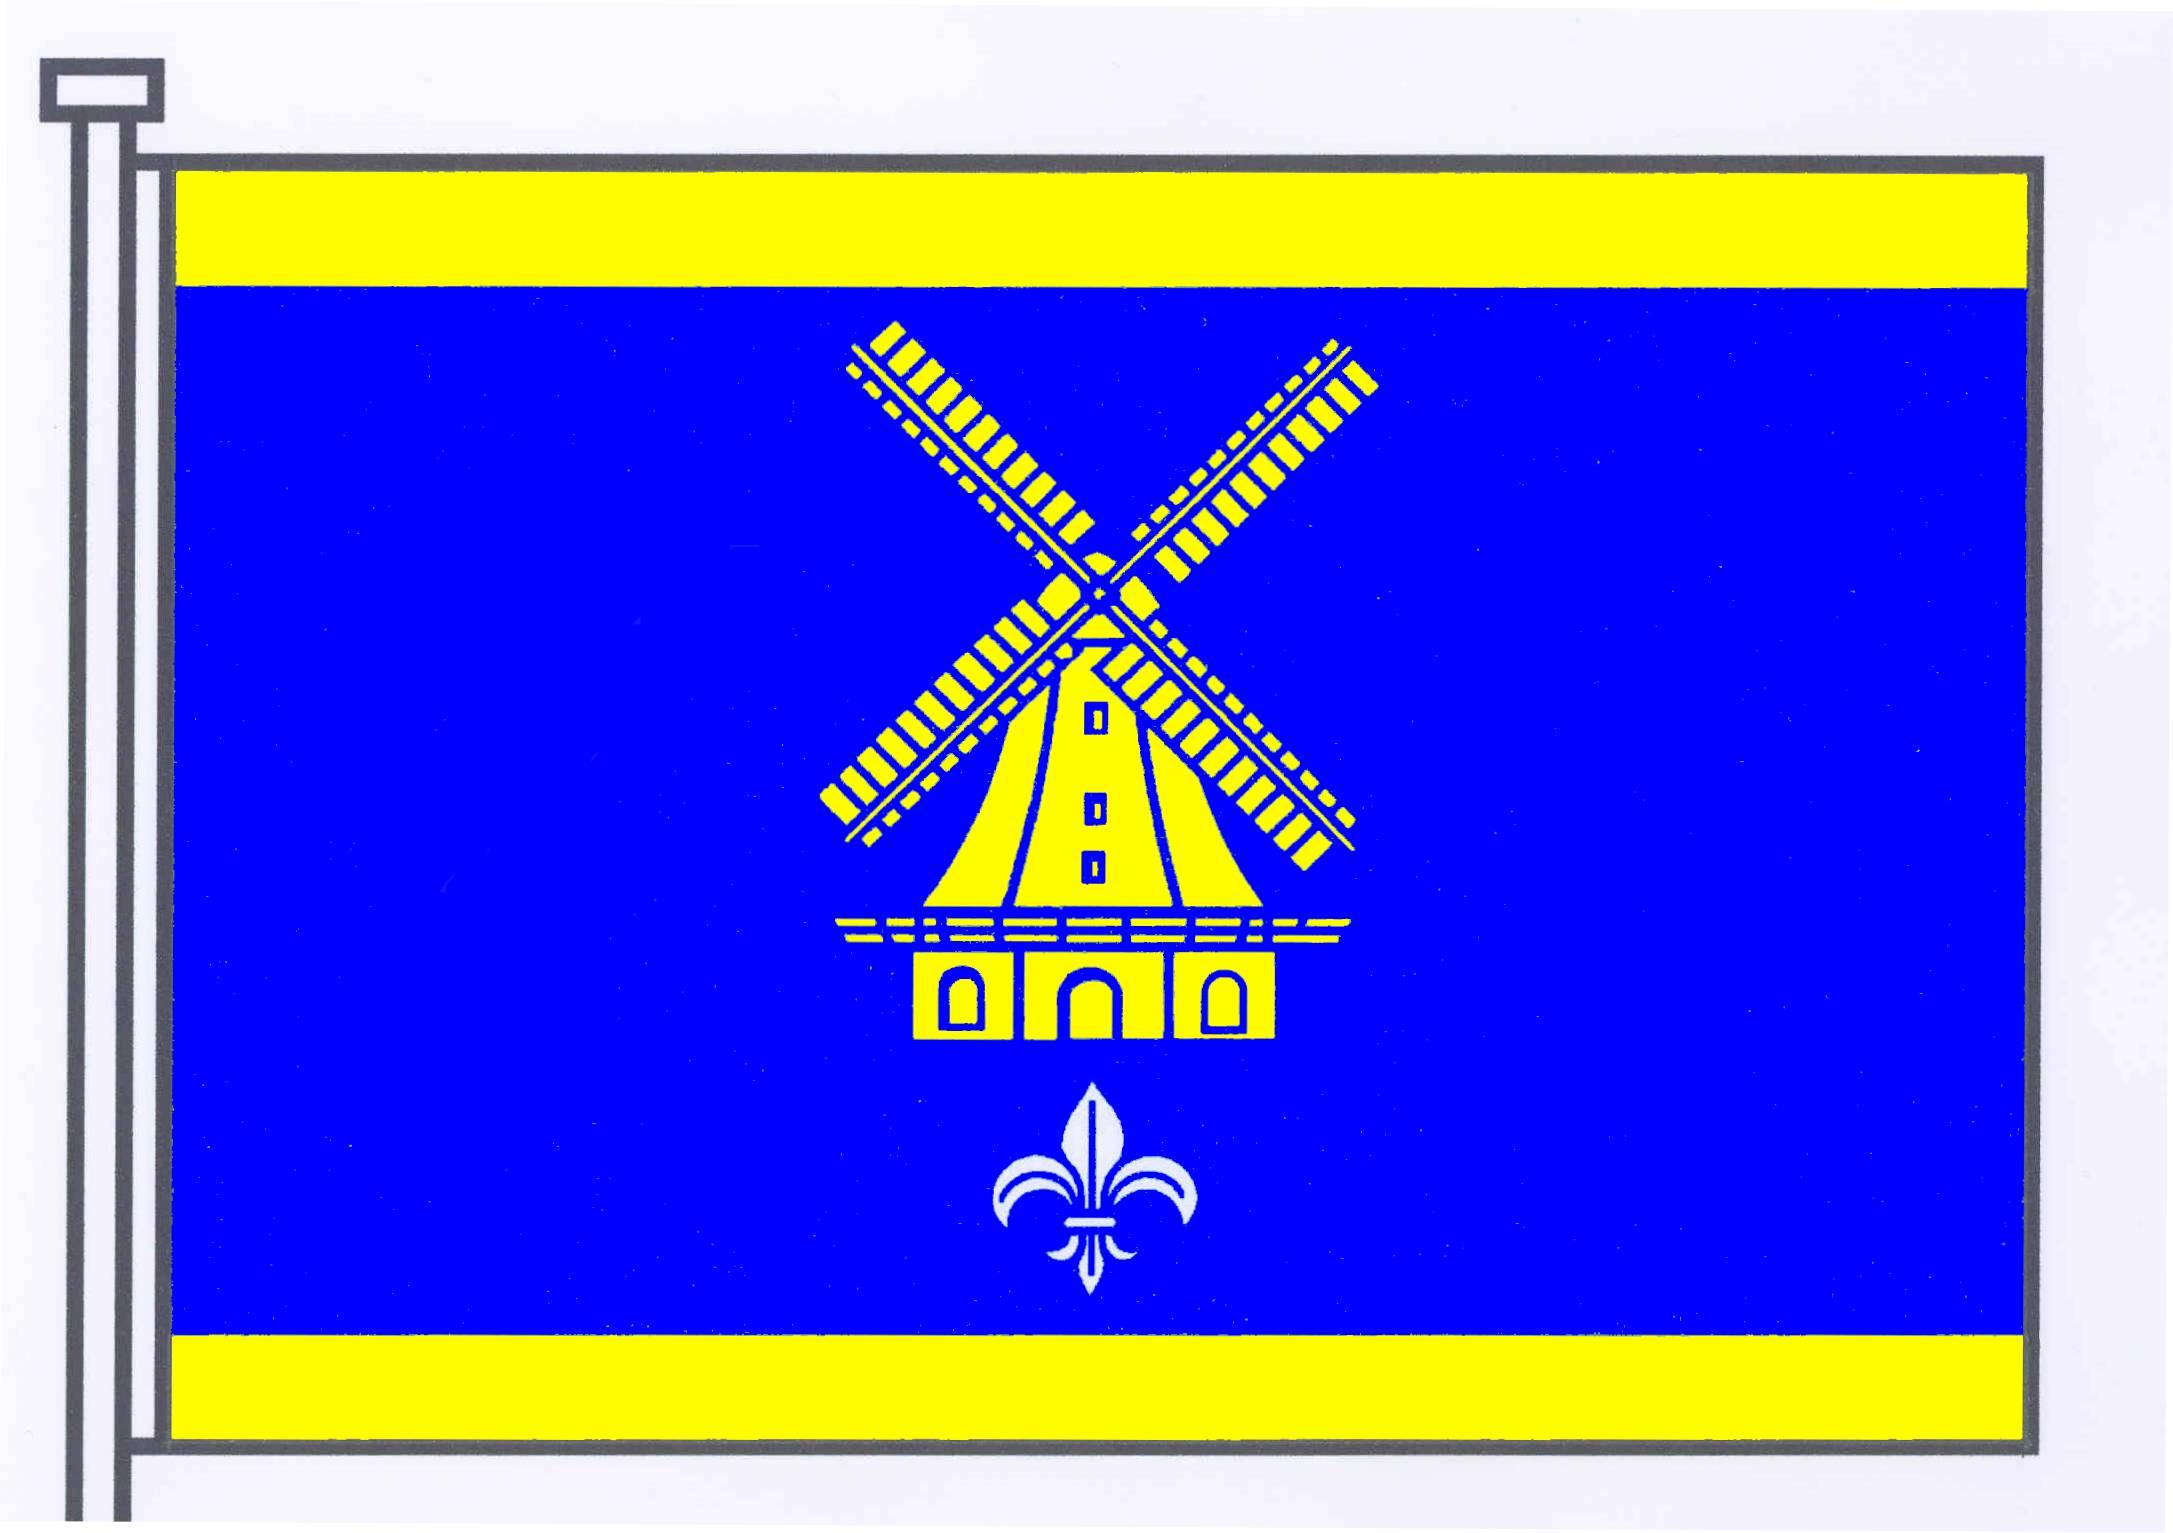 Flagge GemeindeSchashagen, Kreis Ostholstein